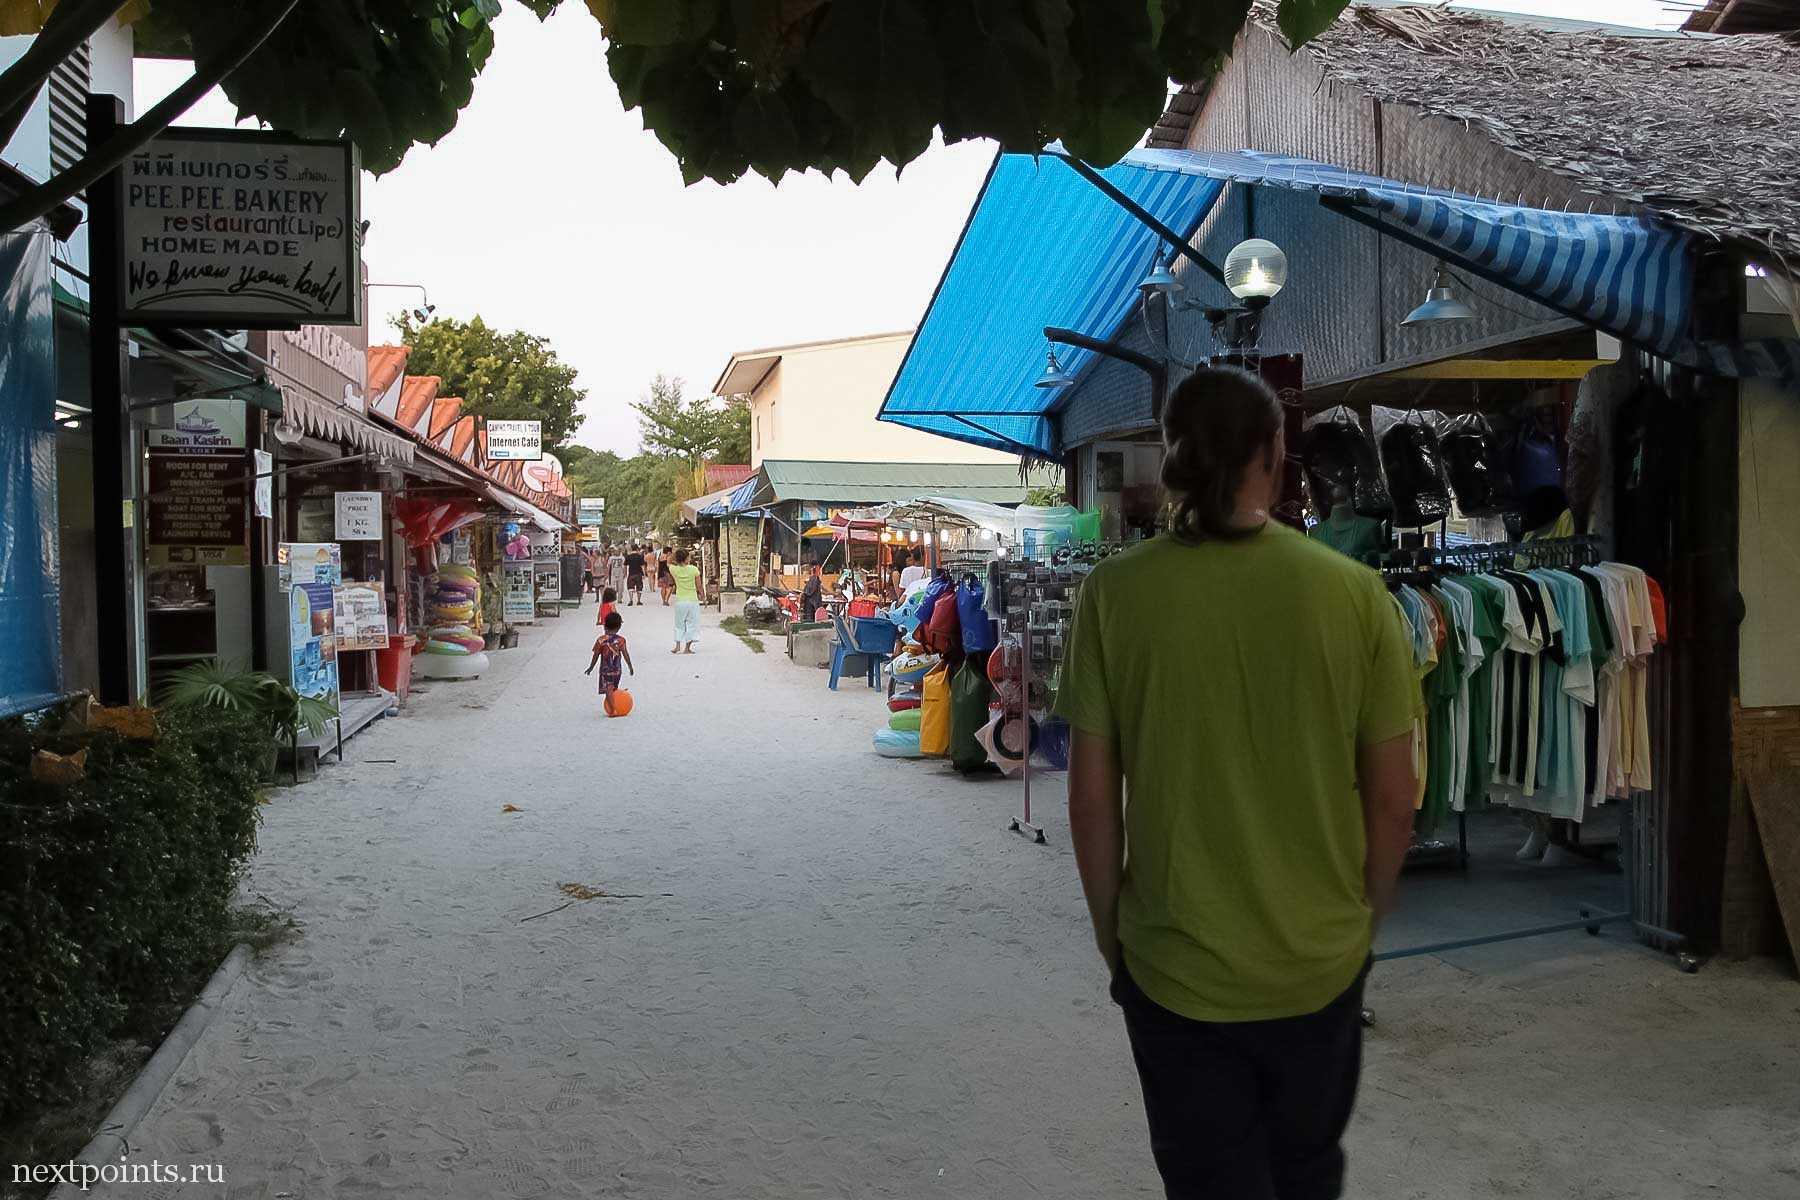 Магазины на главной улице острова Ко Липе (Koh Lipe) в Таиланде